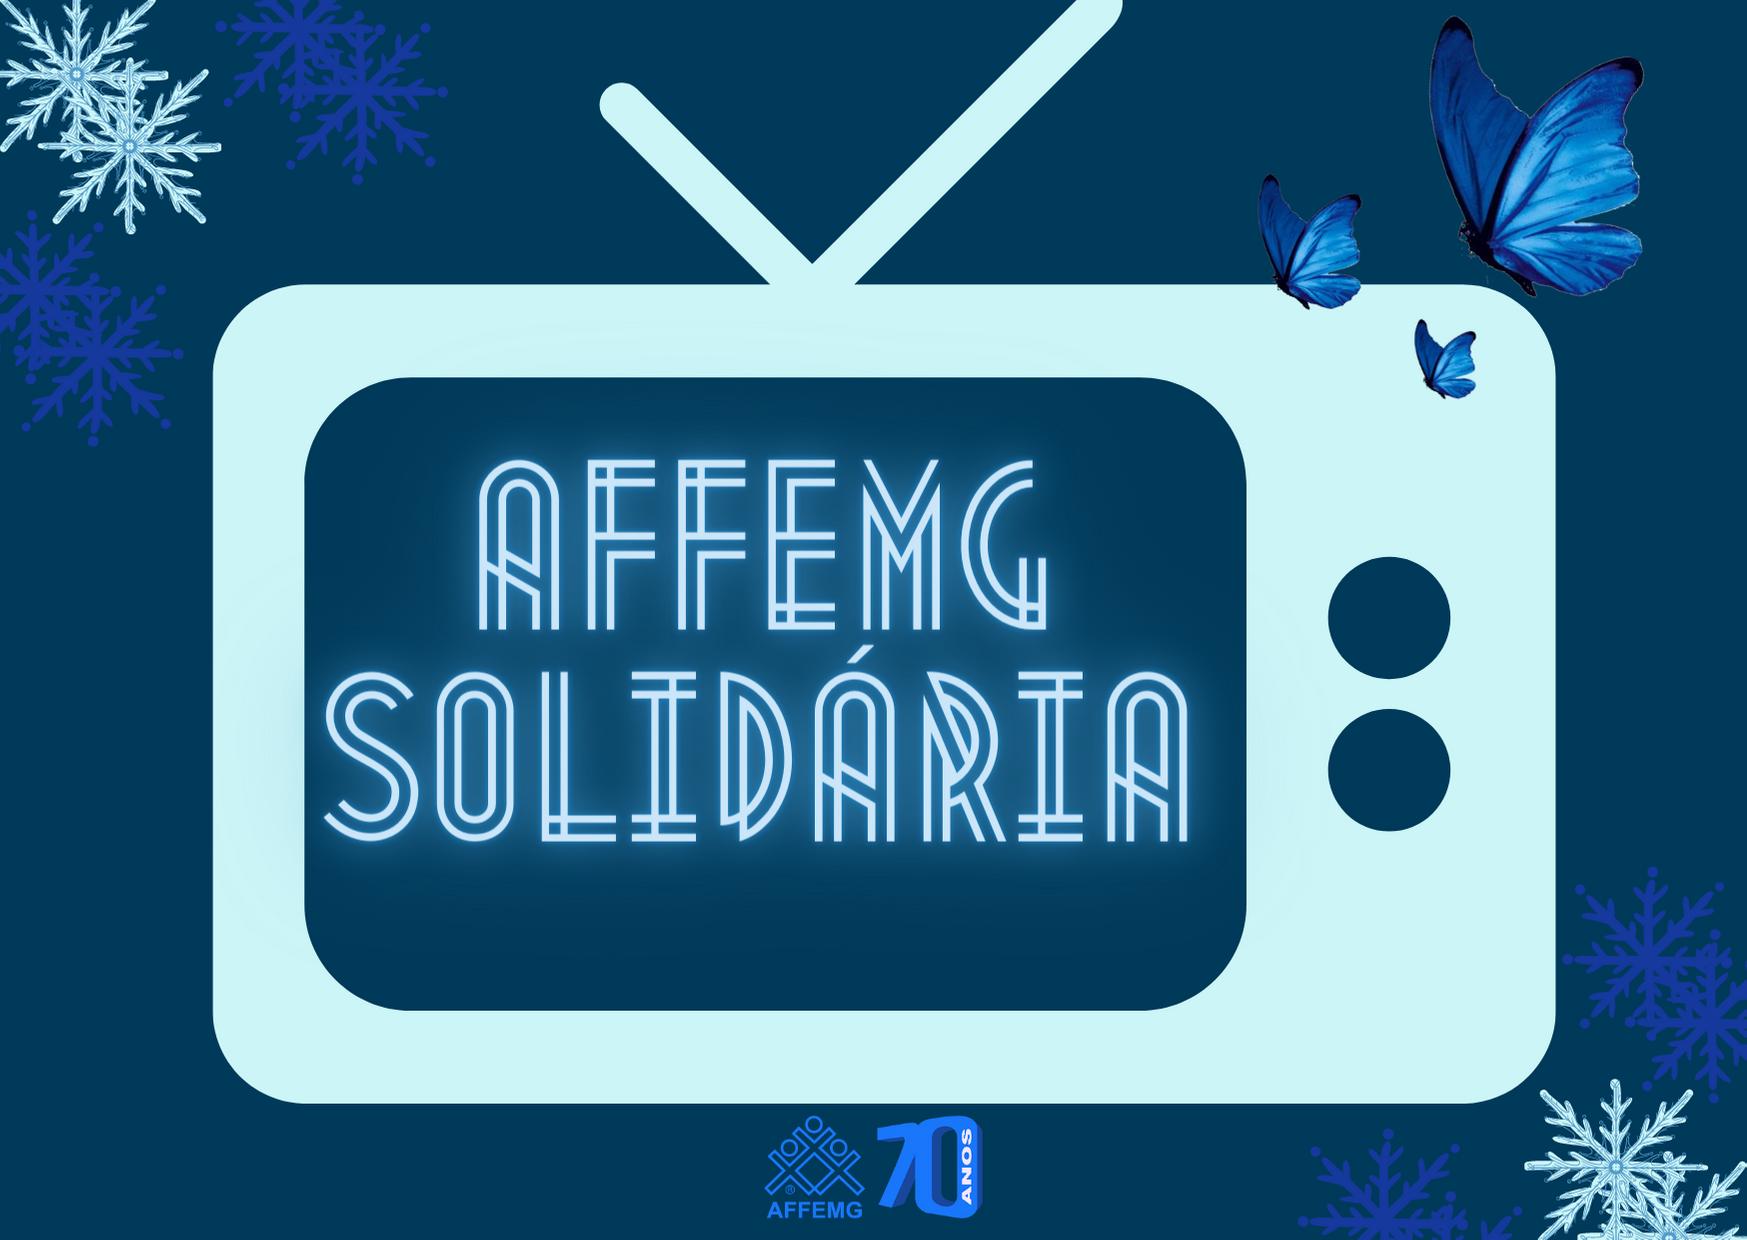 Ação solidária da AFFEMG ganha destaque na mídia de todo o Estado.